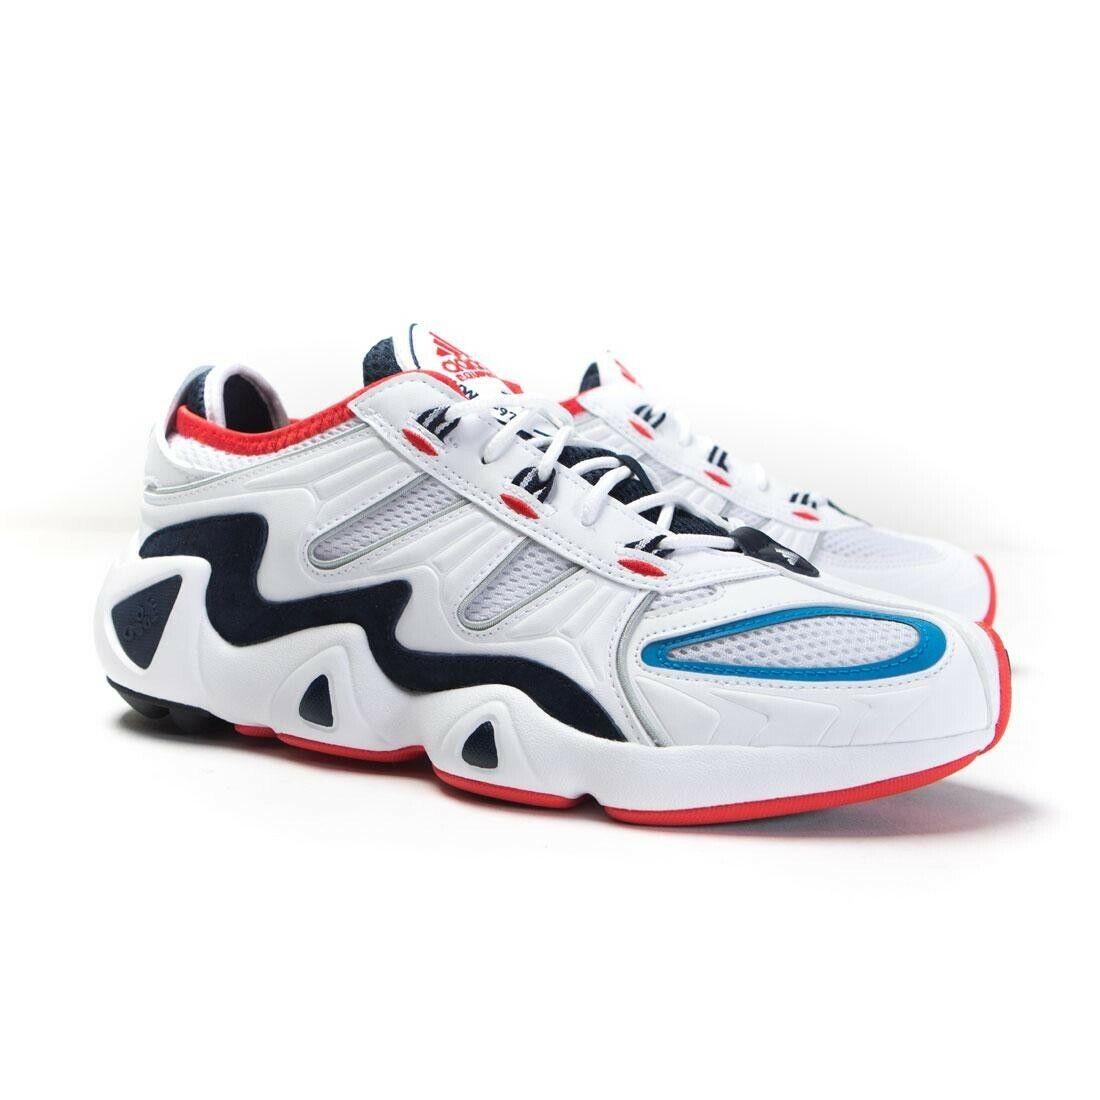 Adidas Consortium Men FYW S-97 white G27704